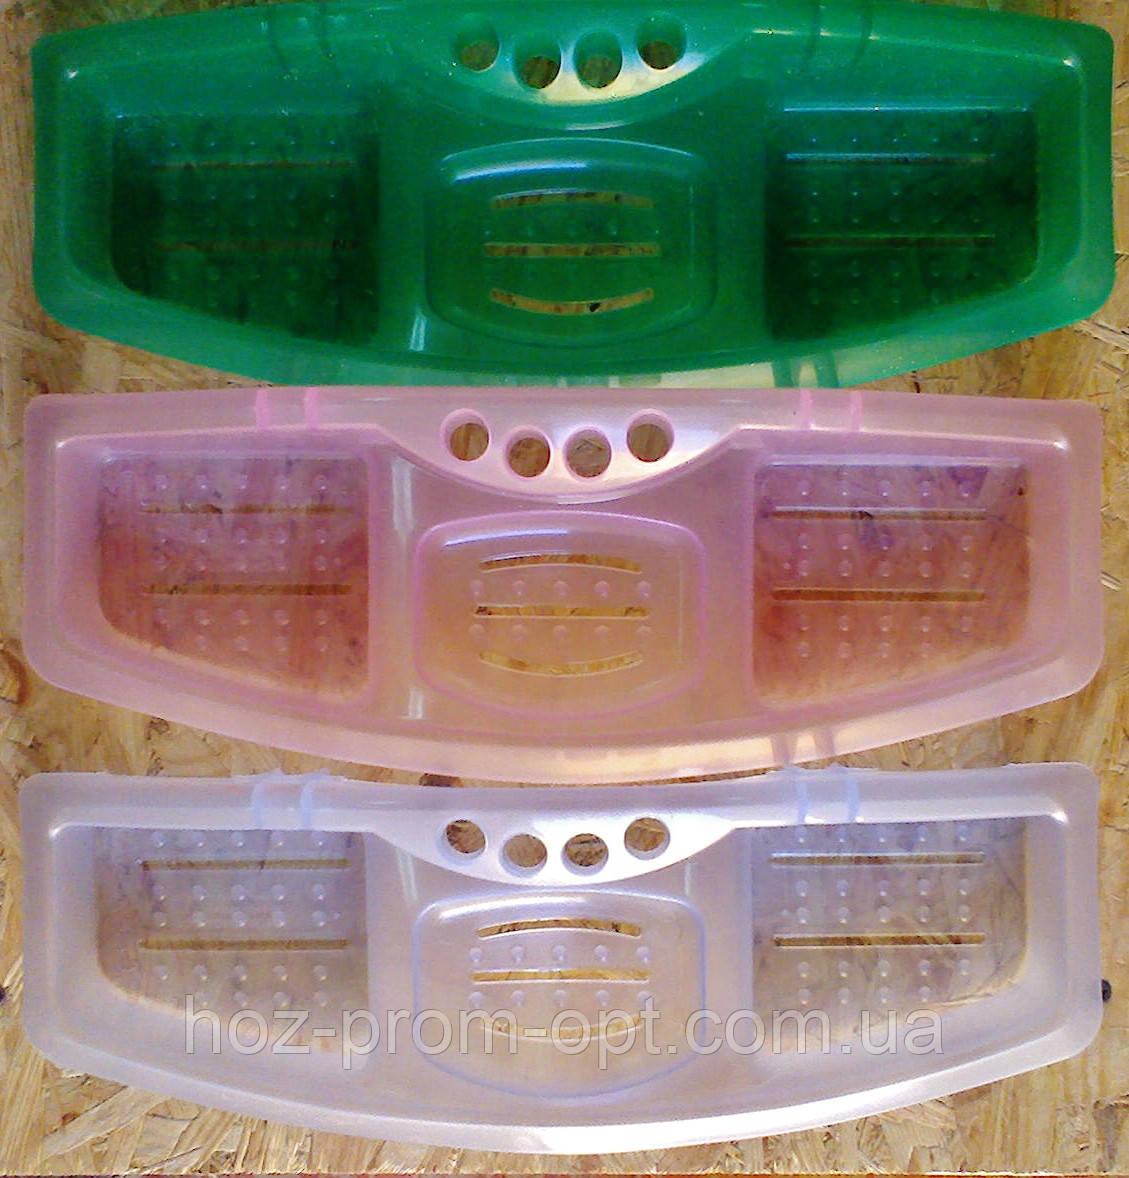 Мыльница  тройная с подставкой для зубных щёток, р-р 380мм*140мм